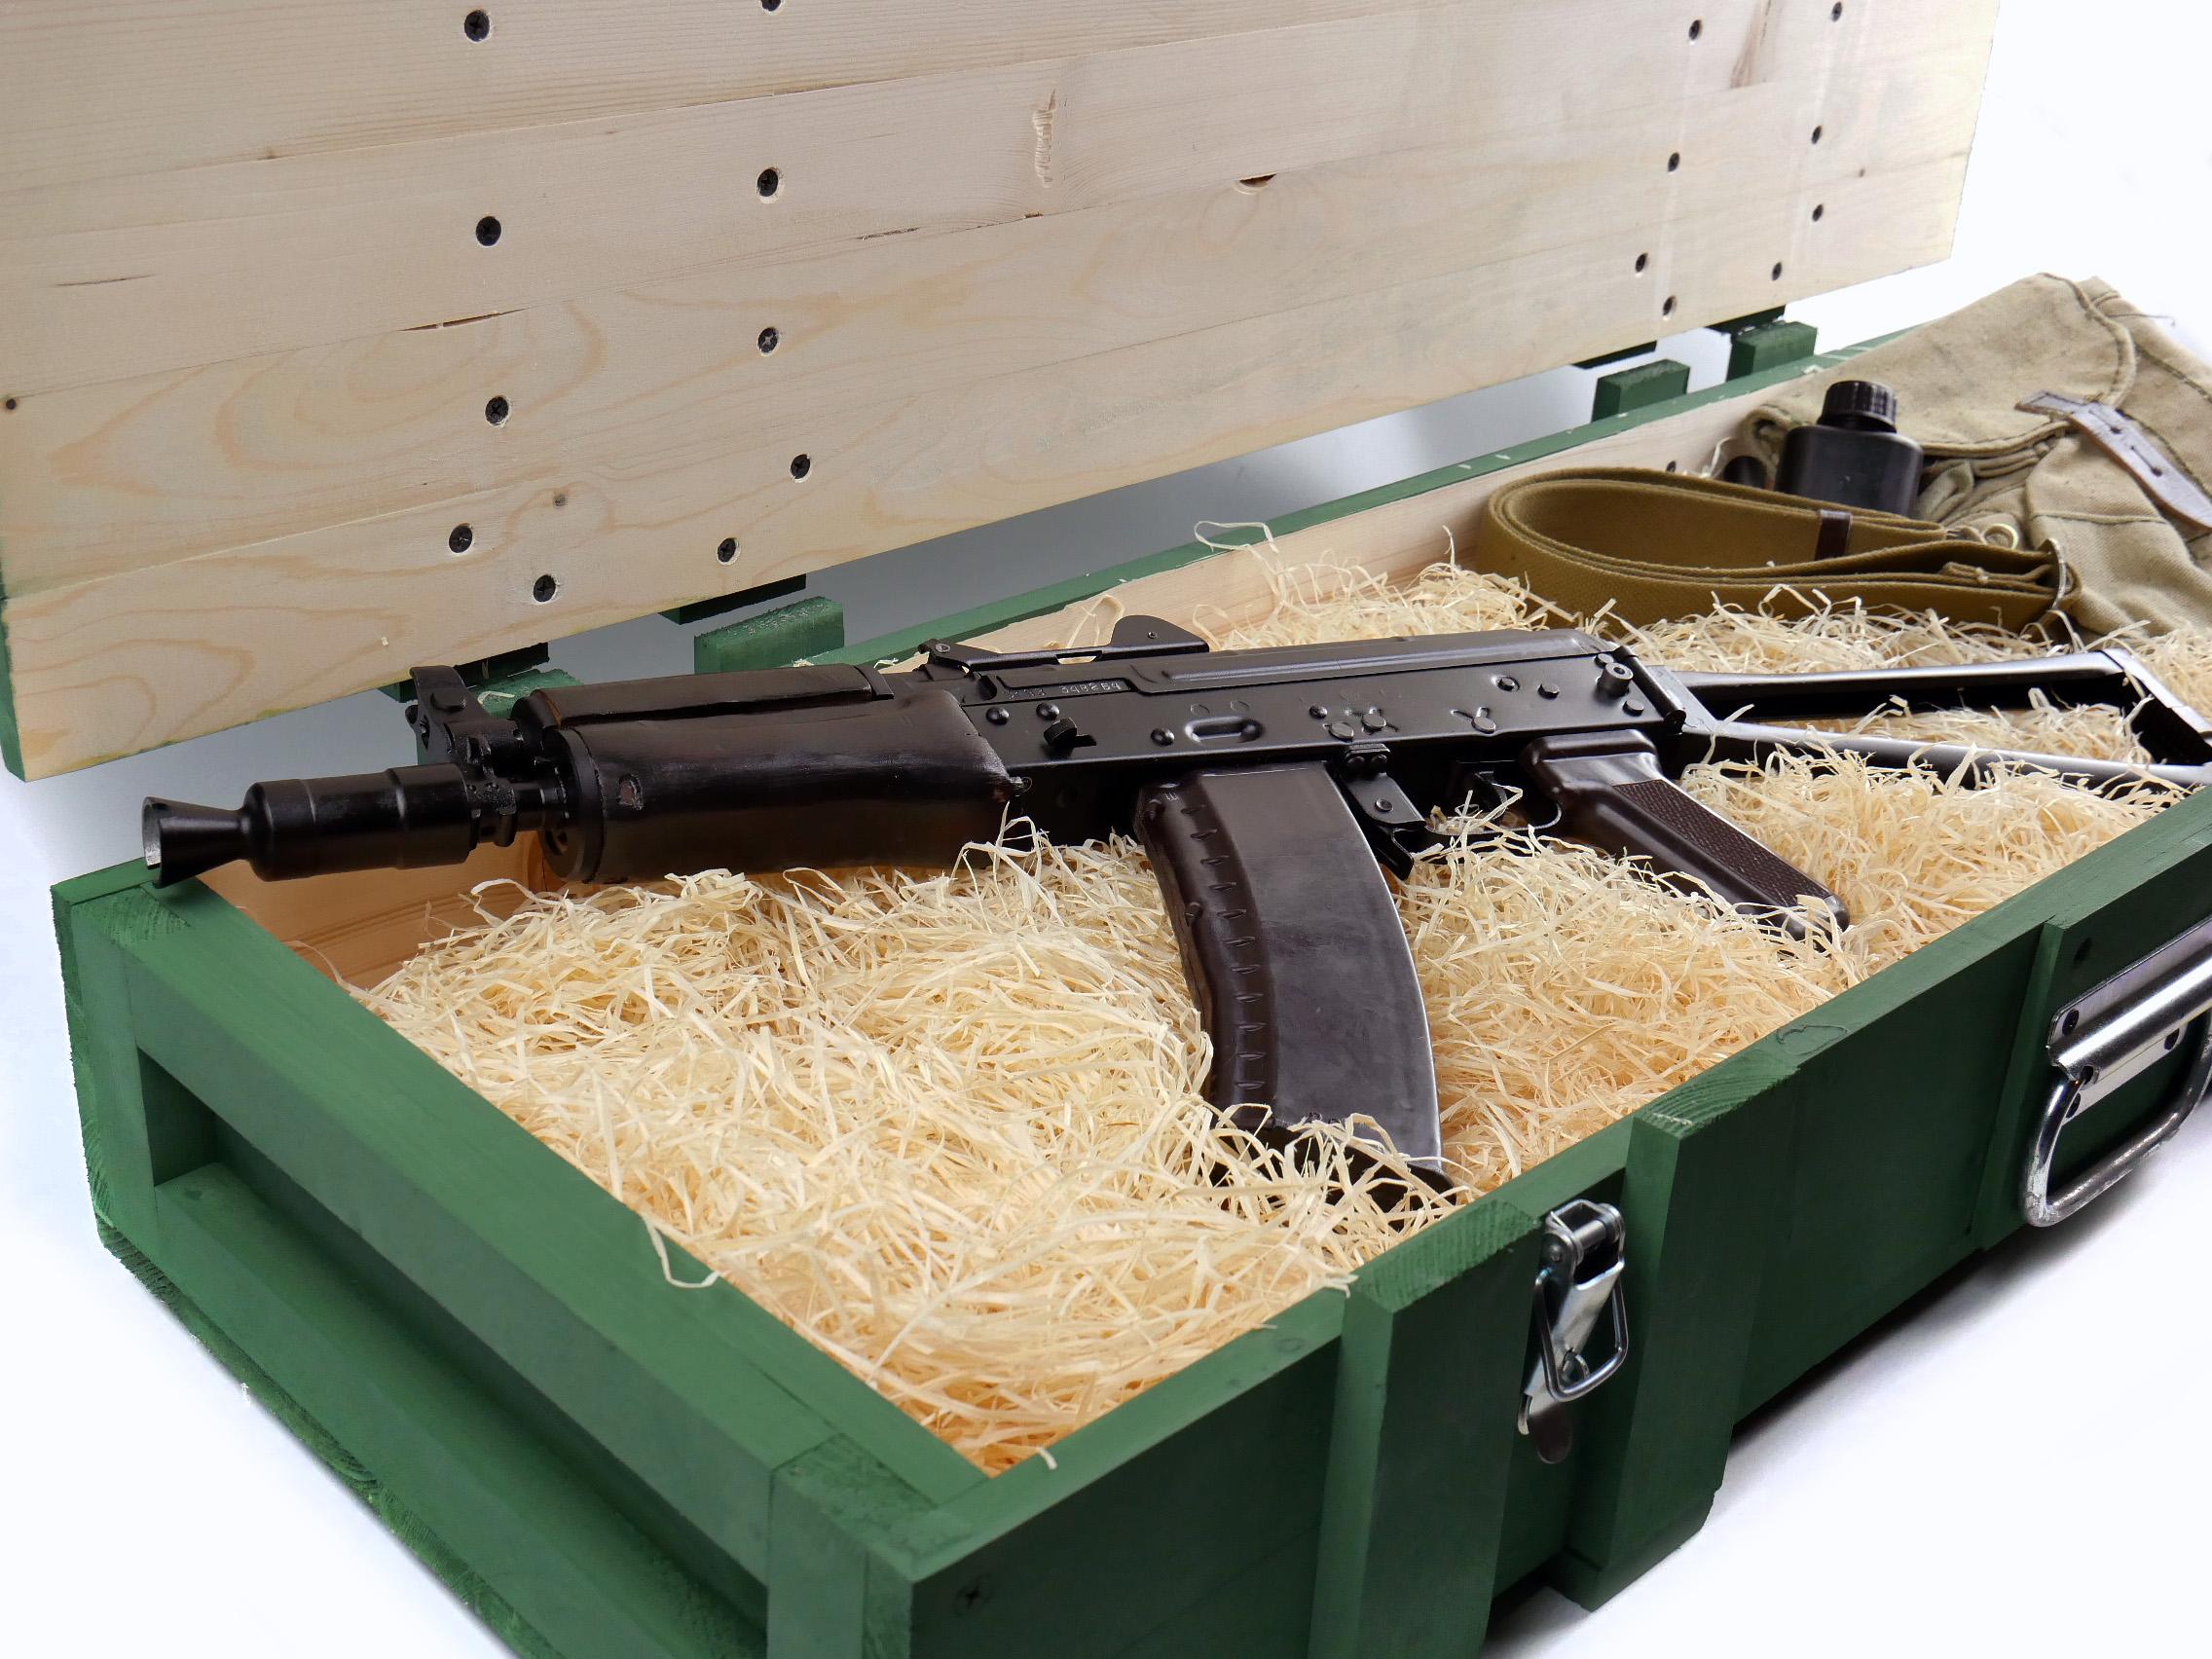 Автомат Калашникова АКС-74У в деревянном армейском ящике